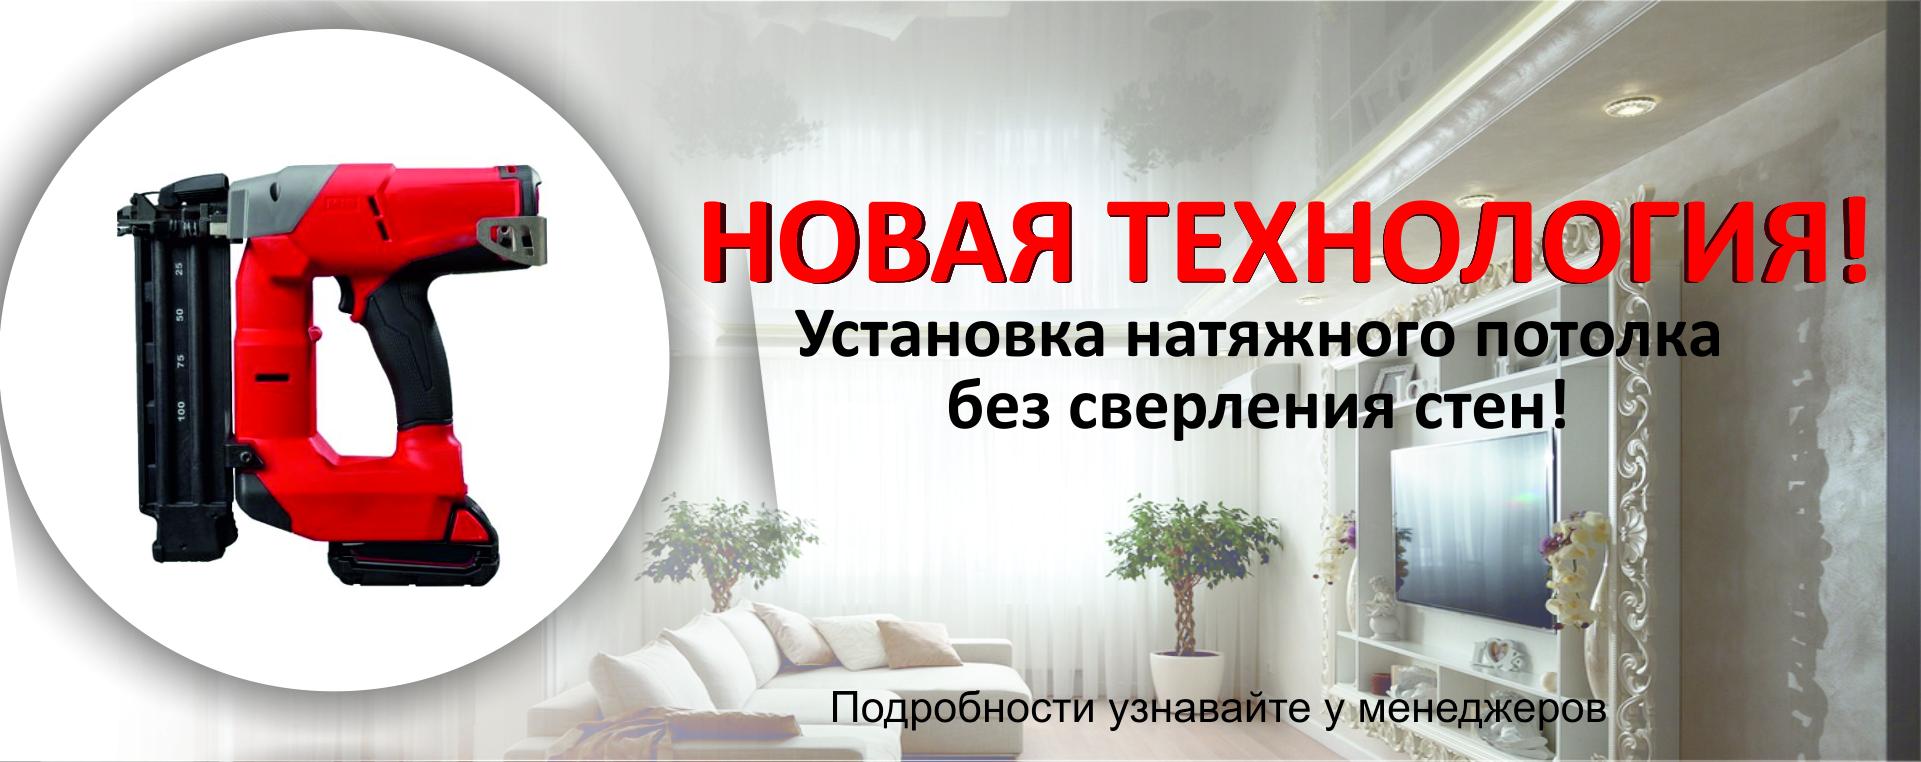 title_5d072a431f2607601825021560750659